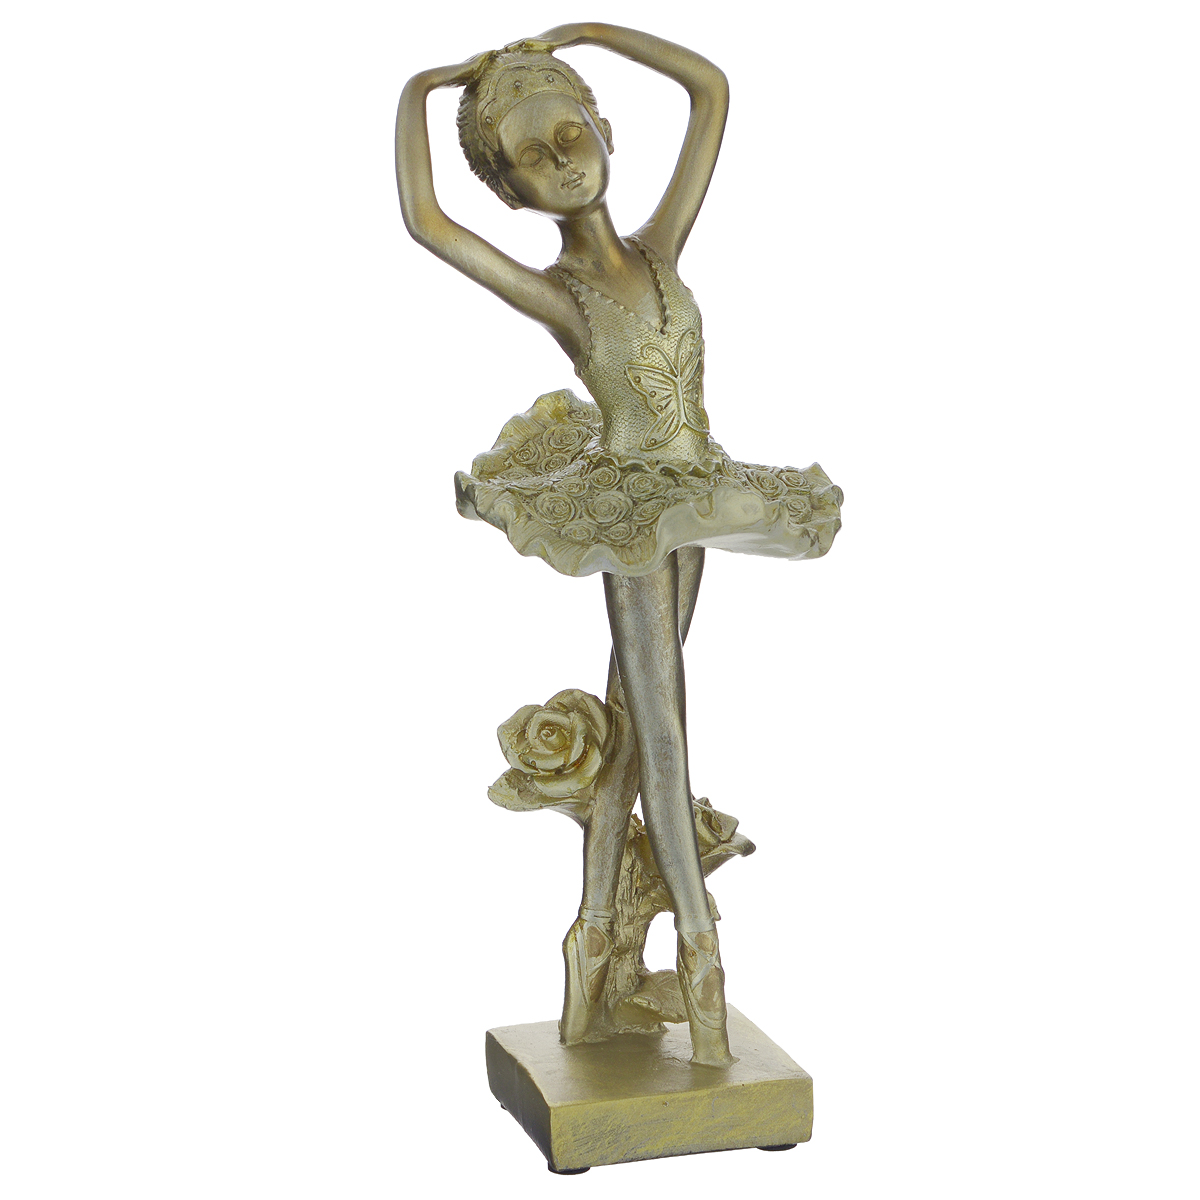 Фигурка декоративная Molento Маленькая балерина, высота 26 см549-089Декоративная фигурка Molento Маленькая балерина, изготовленная из полистоуна, выполнена в виде девочки-балерины. Такая фигурка станет отличным дополнением к интерьеру.Вы можете поставить фигурку в любом месте, где она будет удачно смотреться, и радовать глаз. Кроме того, фигурка Маленькая балерина станет чудесным сувениром для ваших друзей и близких. Размер фигурки: 10 см х 9 см х 26 см.